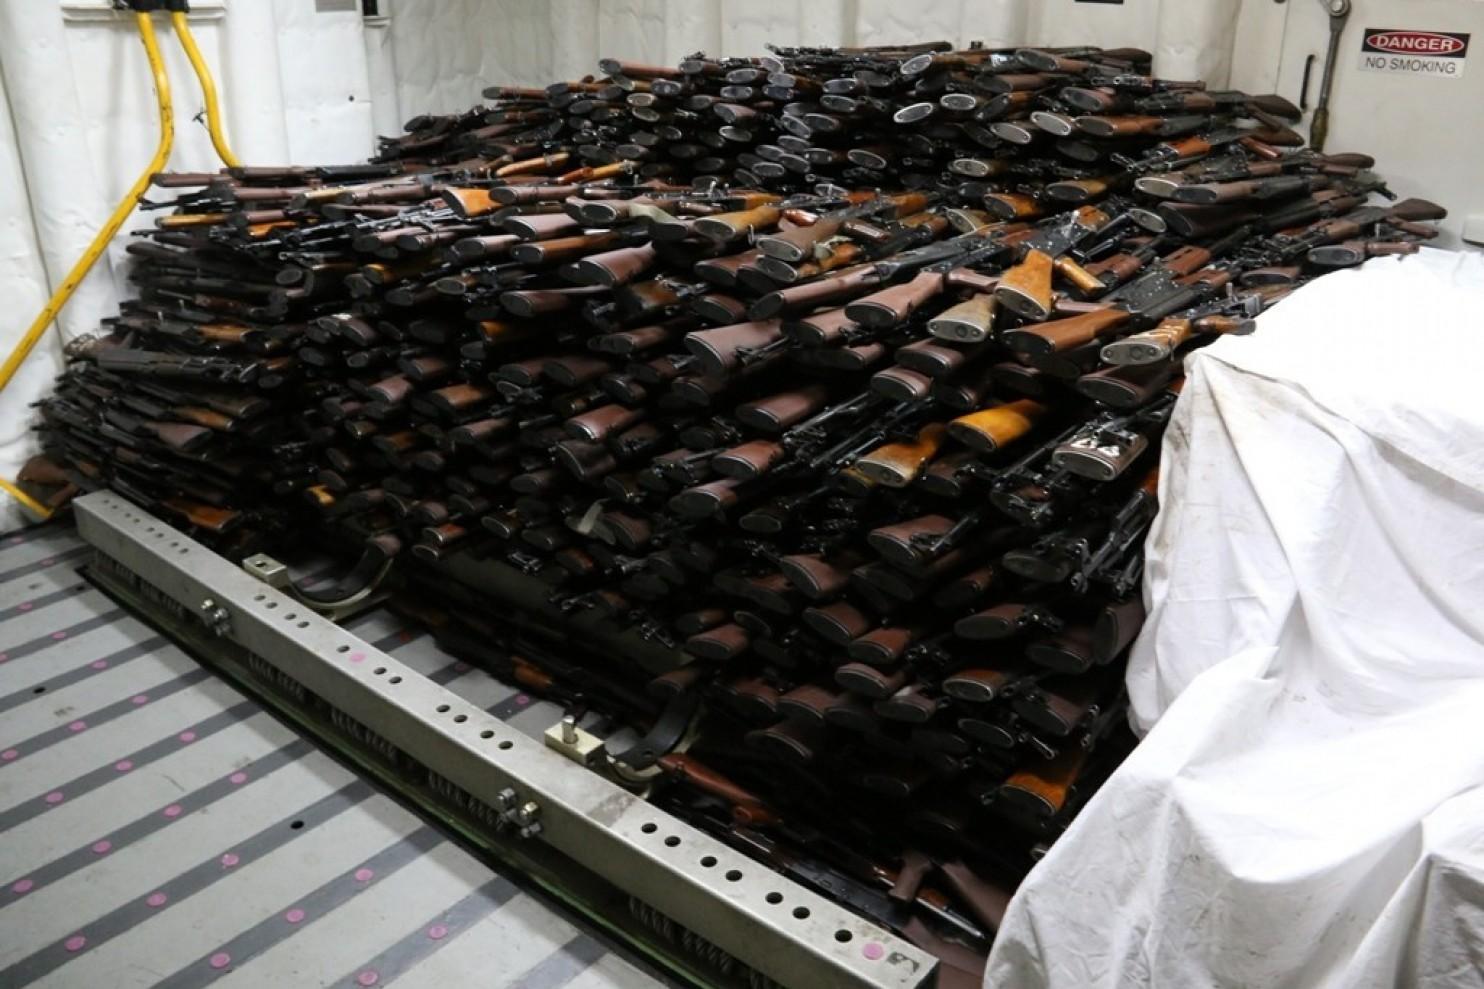 İran'ın Yemen'e kurduğu 'silah hattı' raporlandı